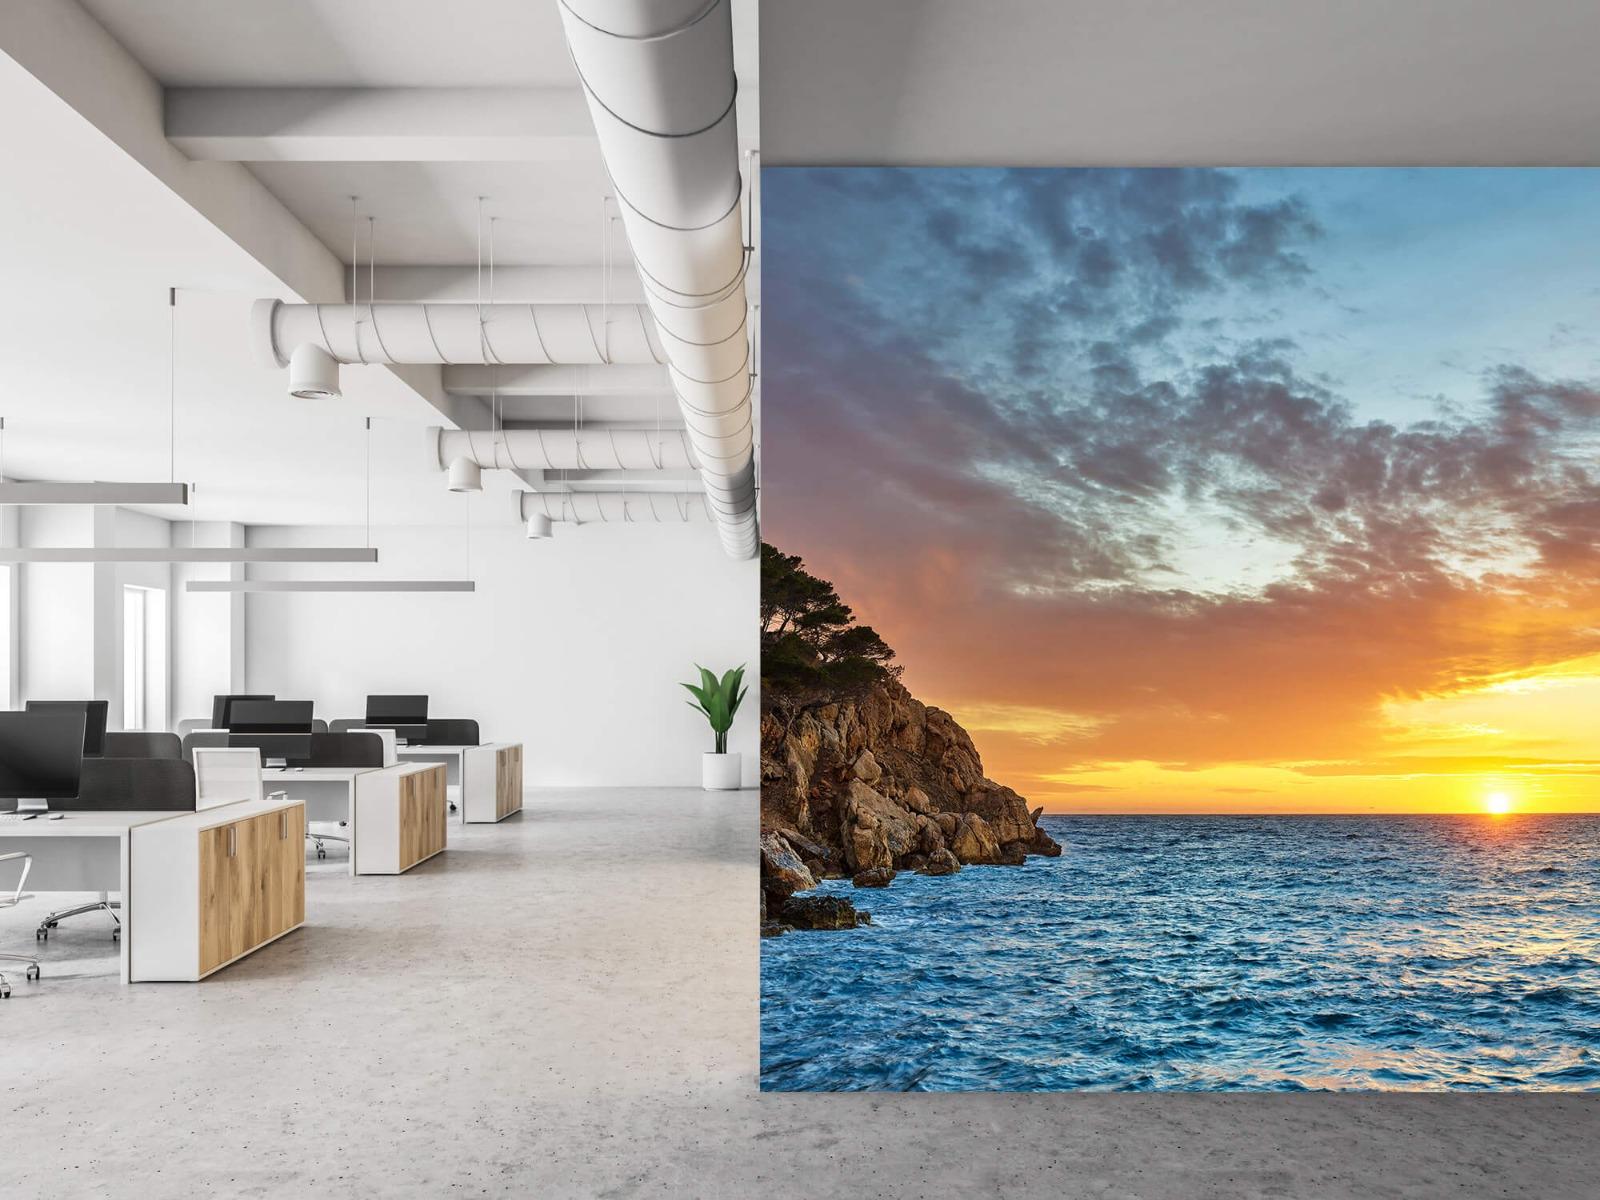 Zon - Zonsondergang op een eiland - Slaapkamer 21